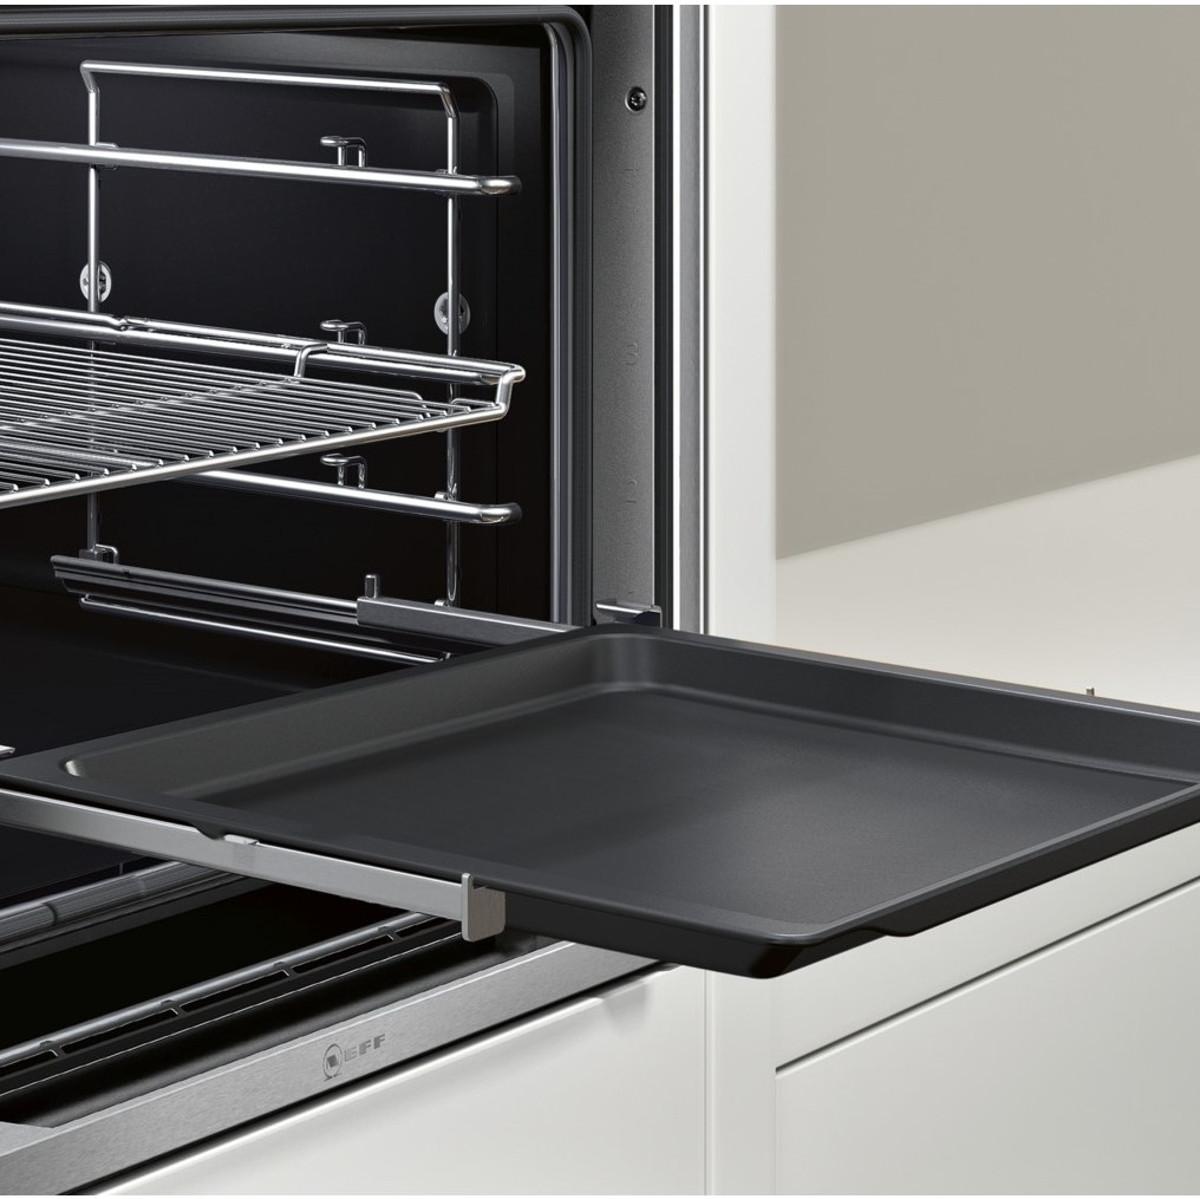 neff b58vt68n0b slide hide pyrolytic single oven discount appliance centre. Black Bedroom Furniture Sets. Home Design Ideas